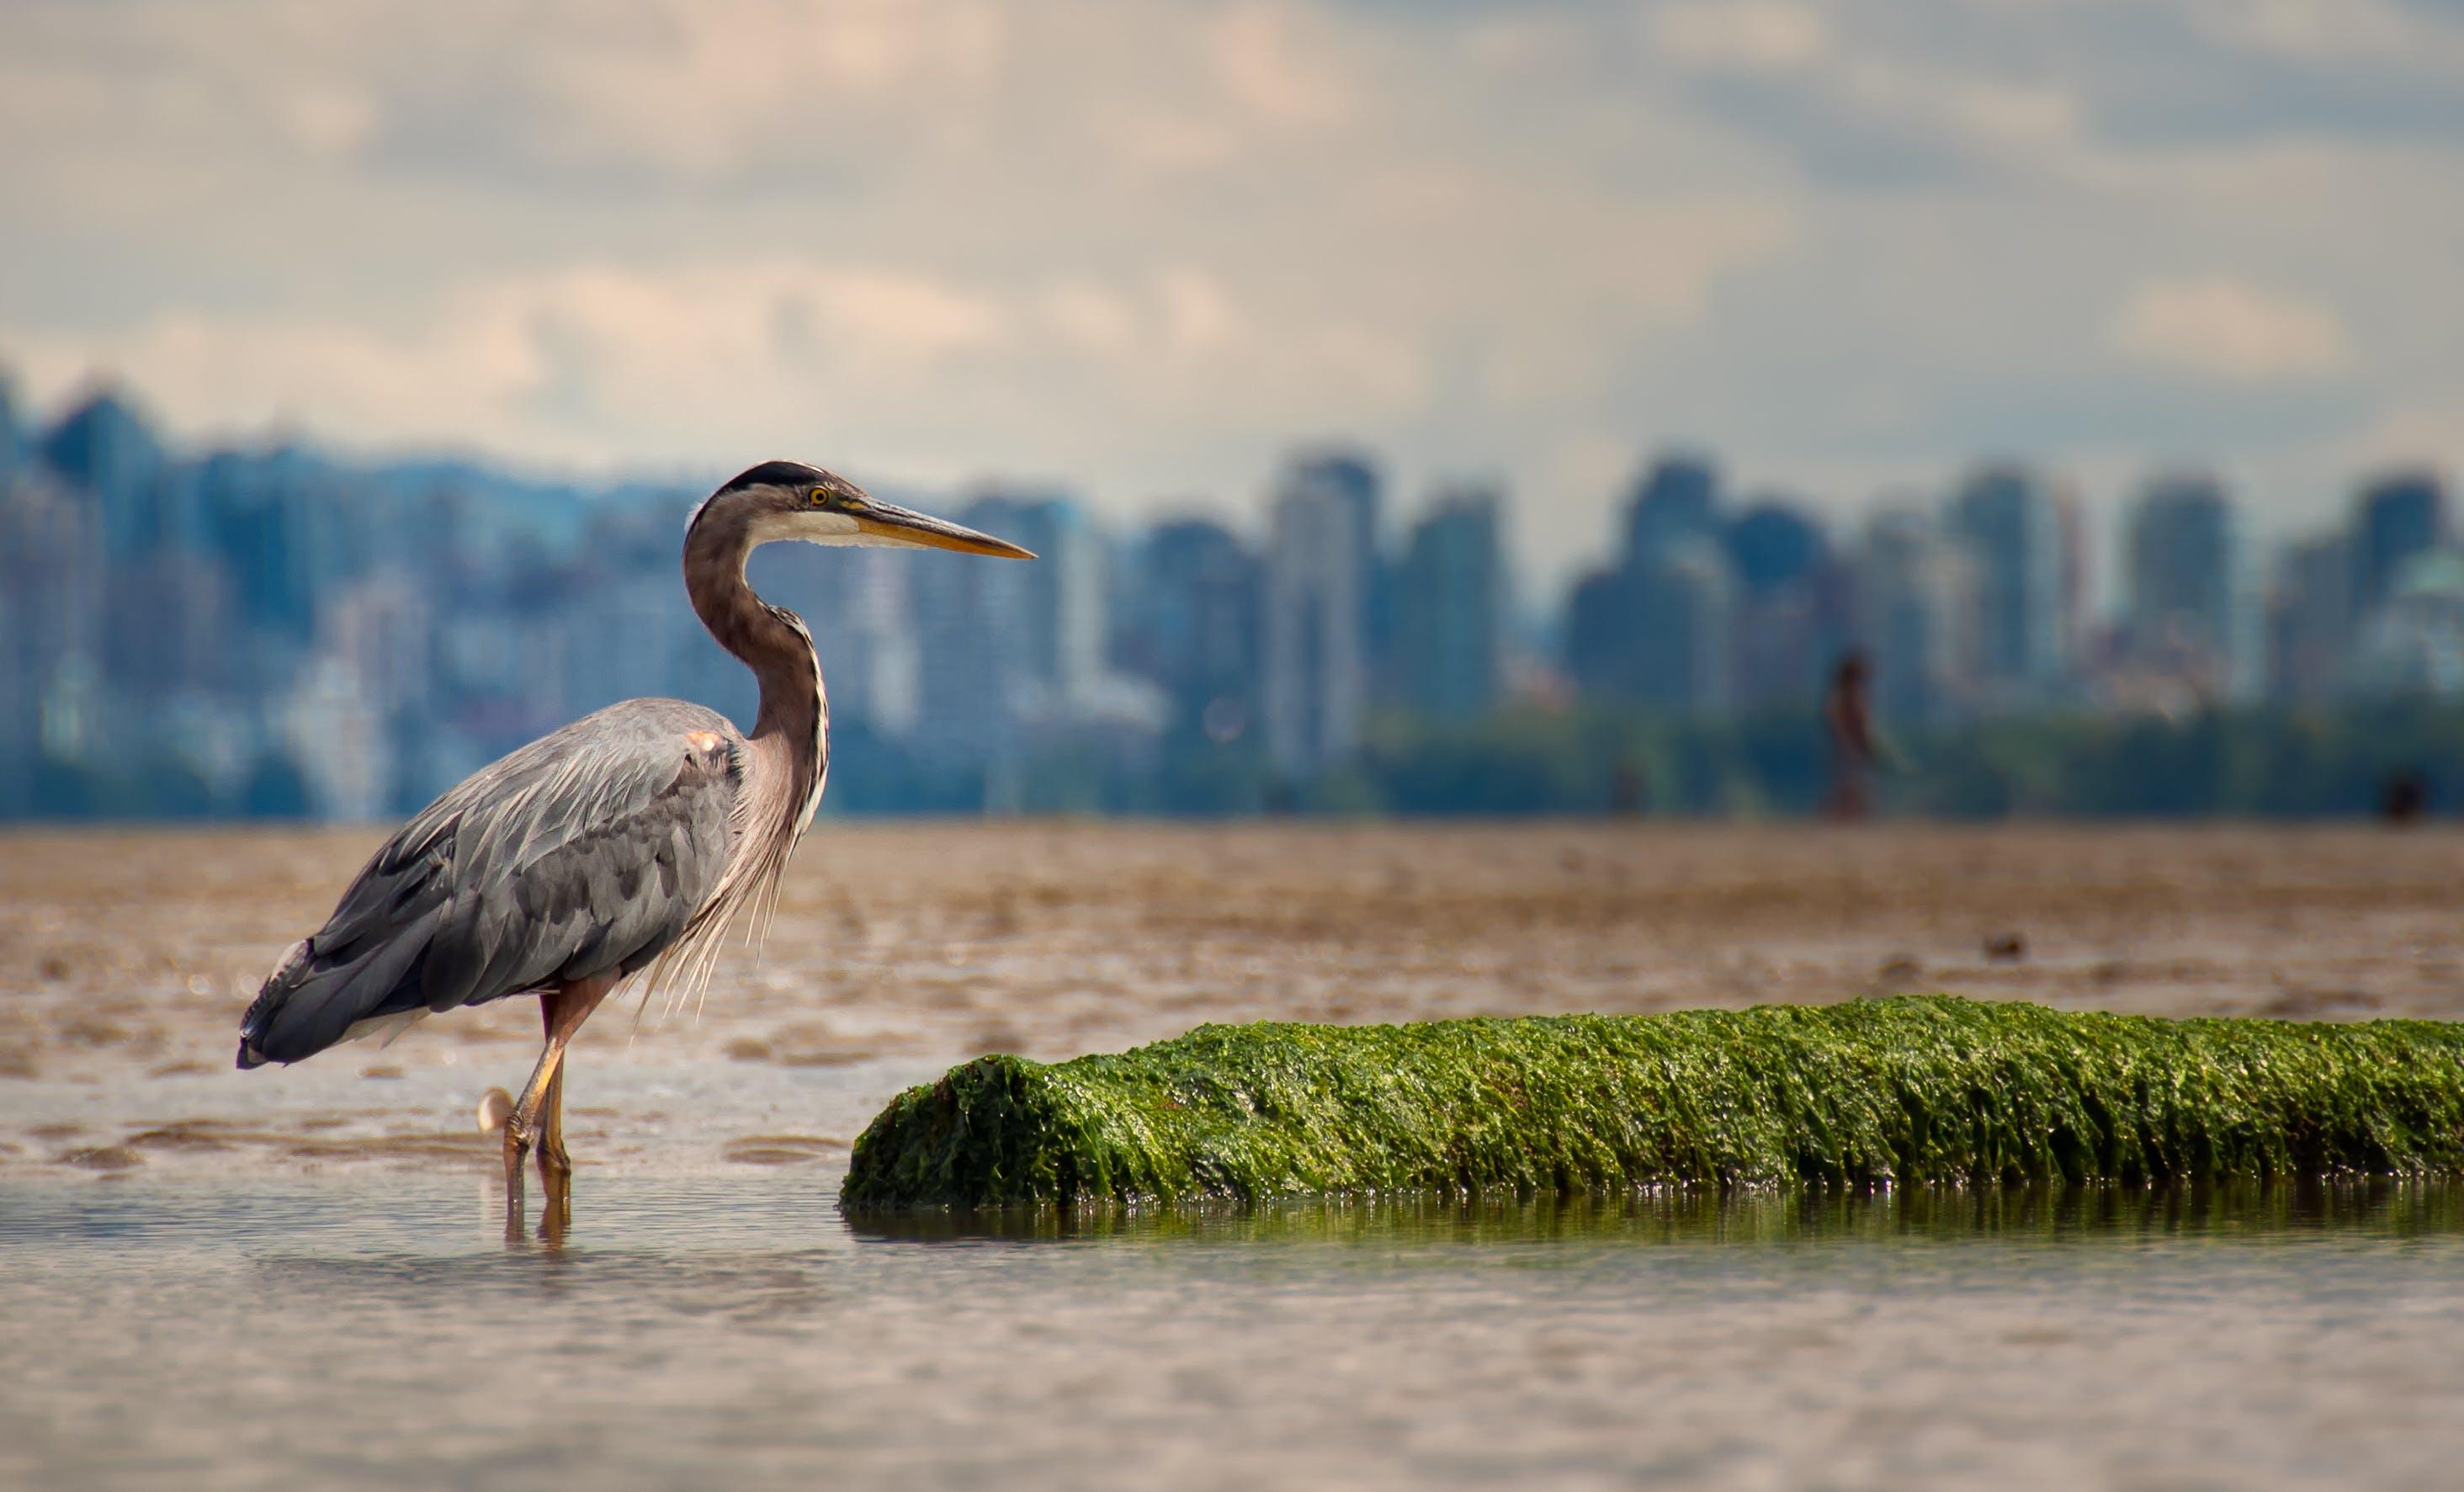 Δωρεάν στοκ φωτογραφιών με άγρια φύση, βάλτος, έλος, ερωδιός